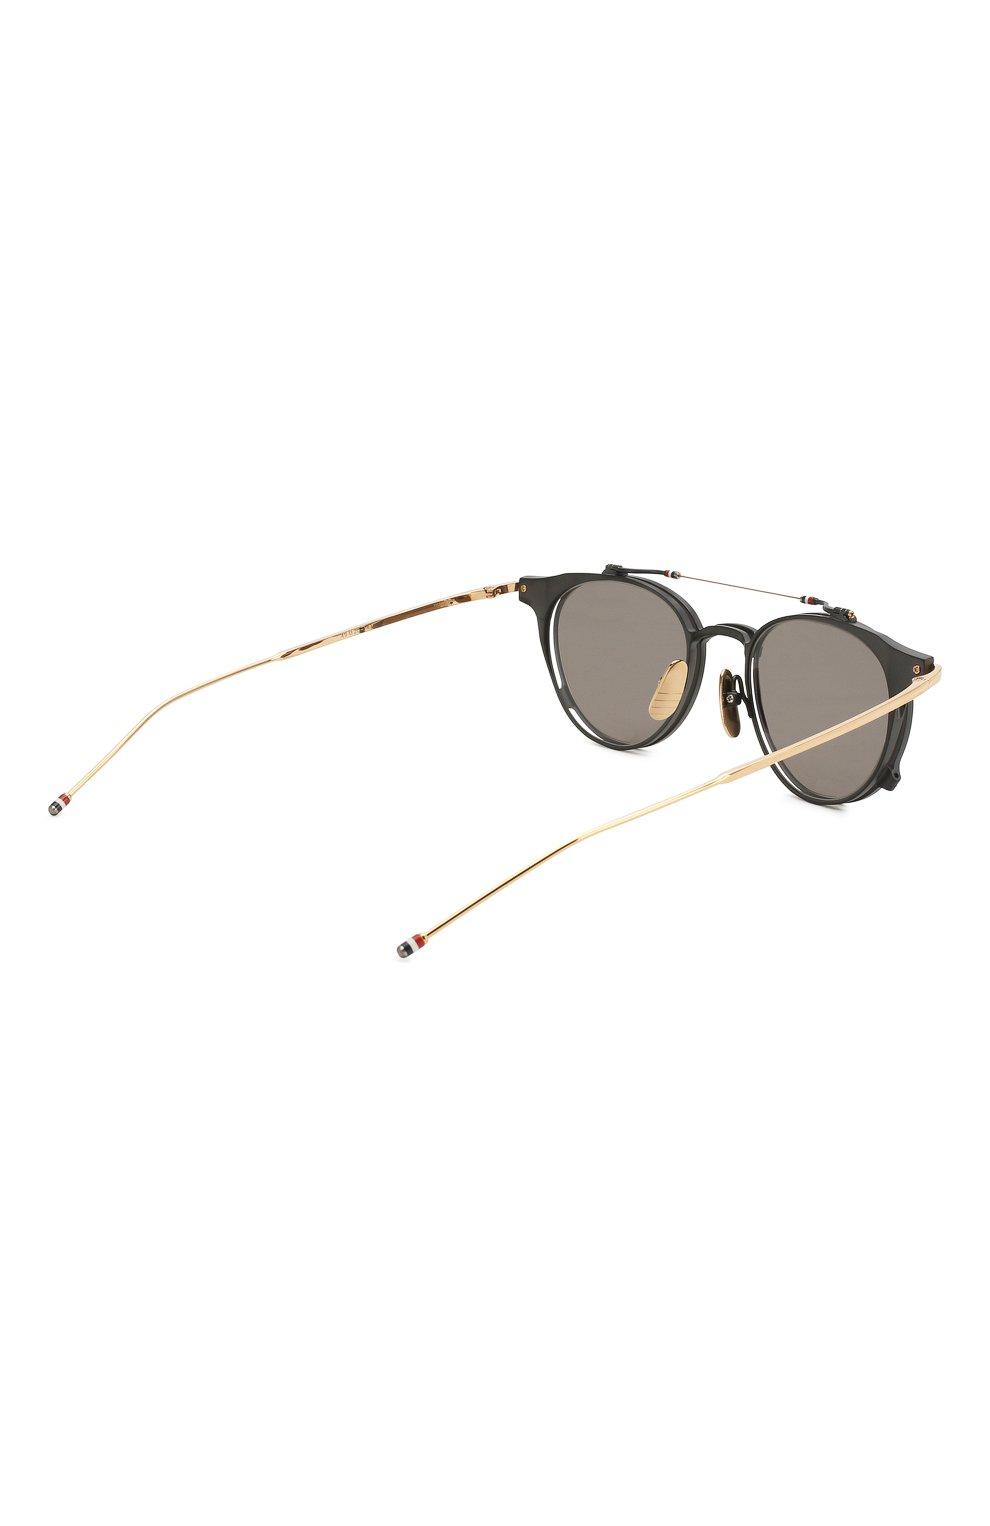 Женские солнцезащитные очки THOM BROWNE серого цвета, арт. TB-814-01 | Фото 4